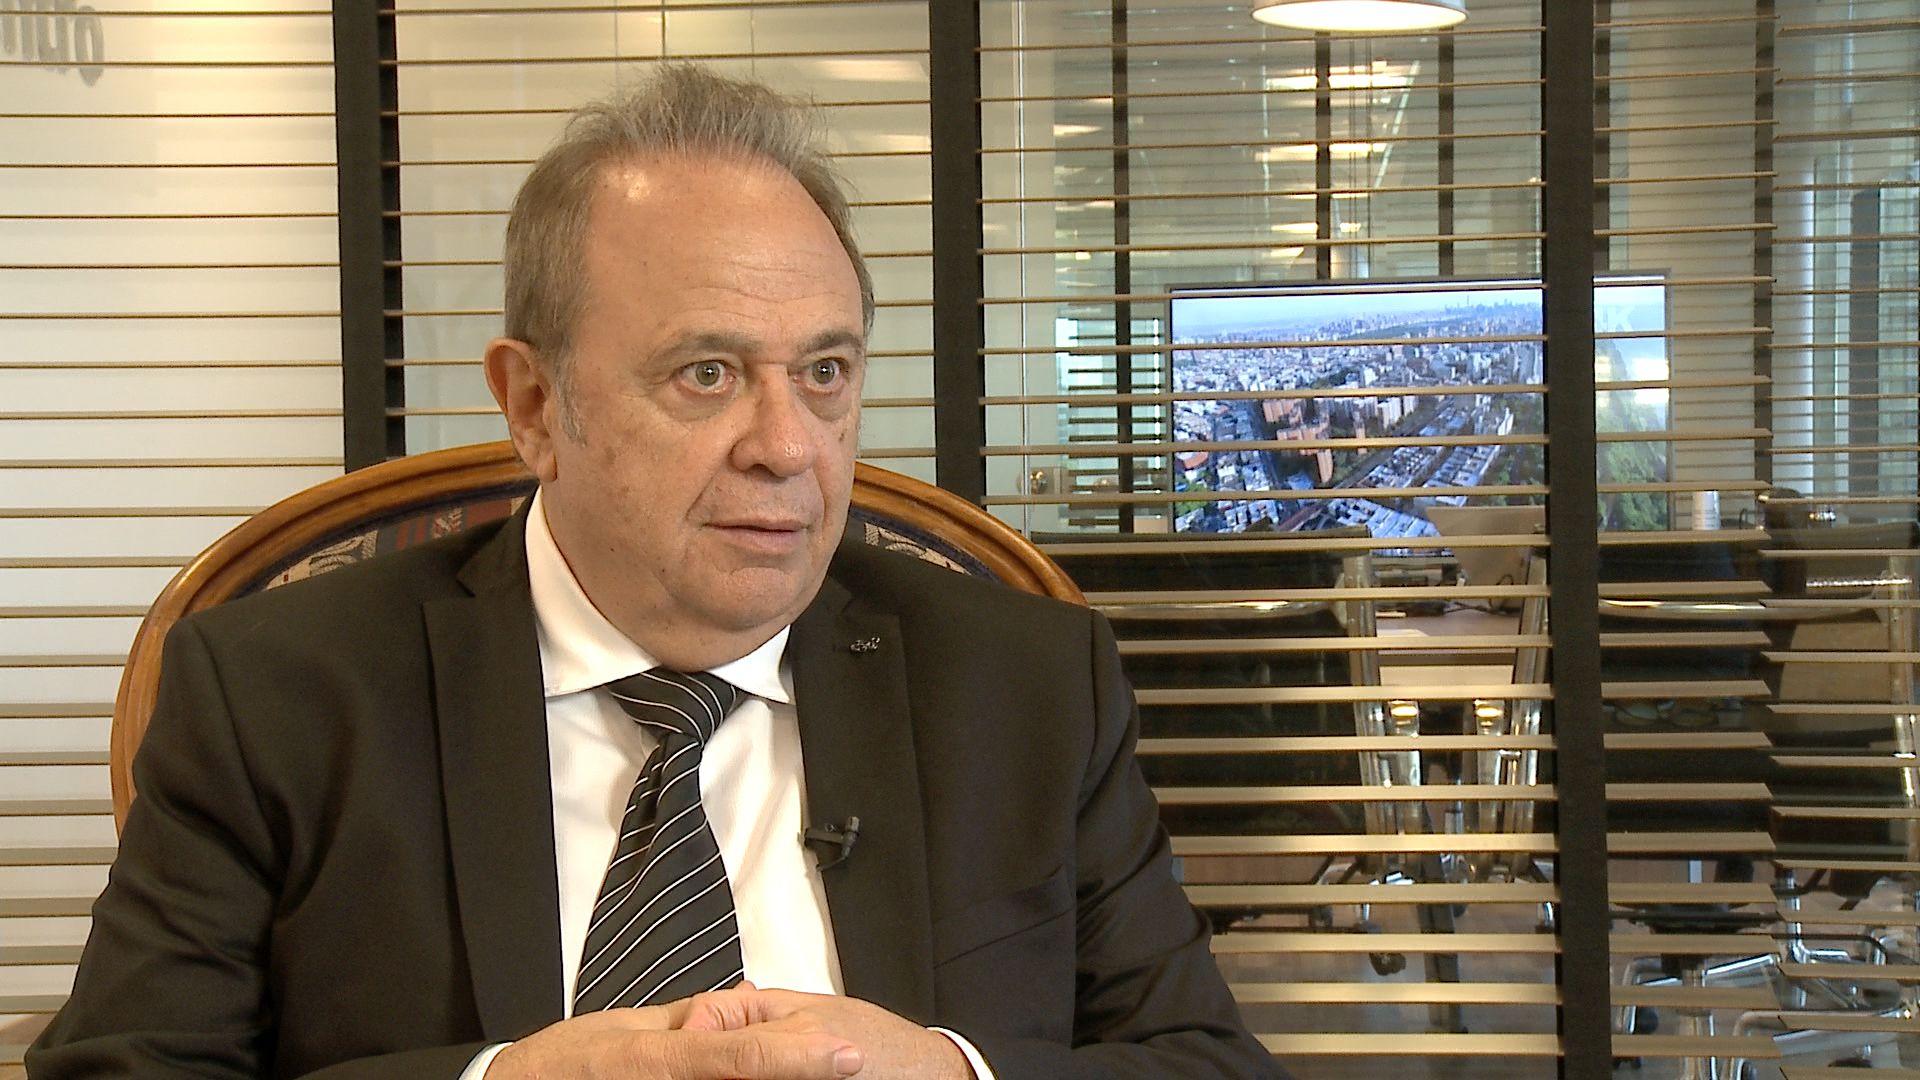 El ex presidente de la Cámara de Diputados Alberto Pierri